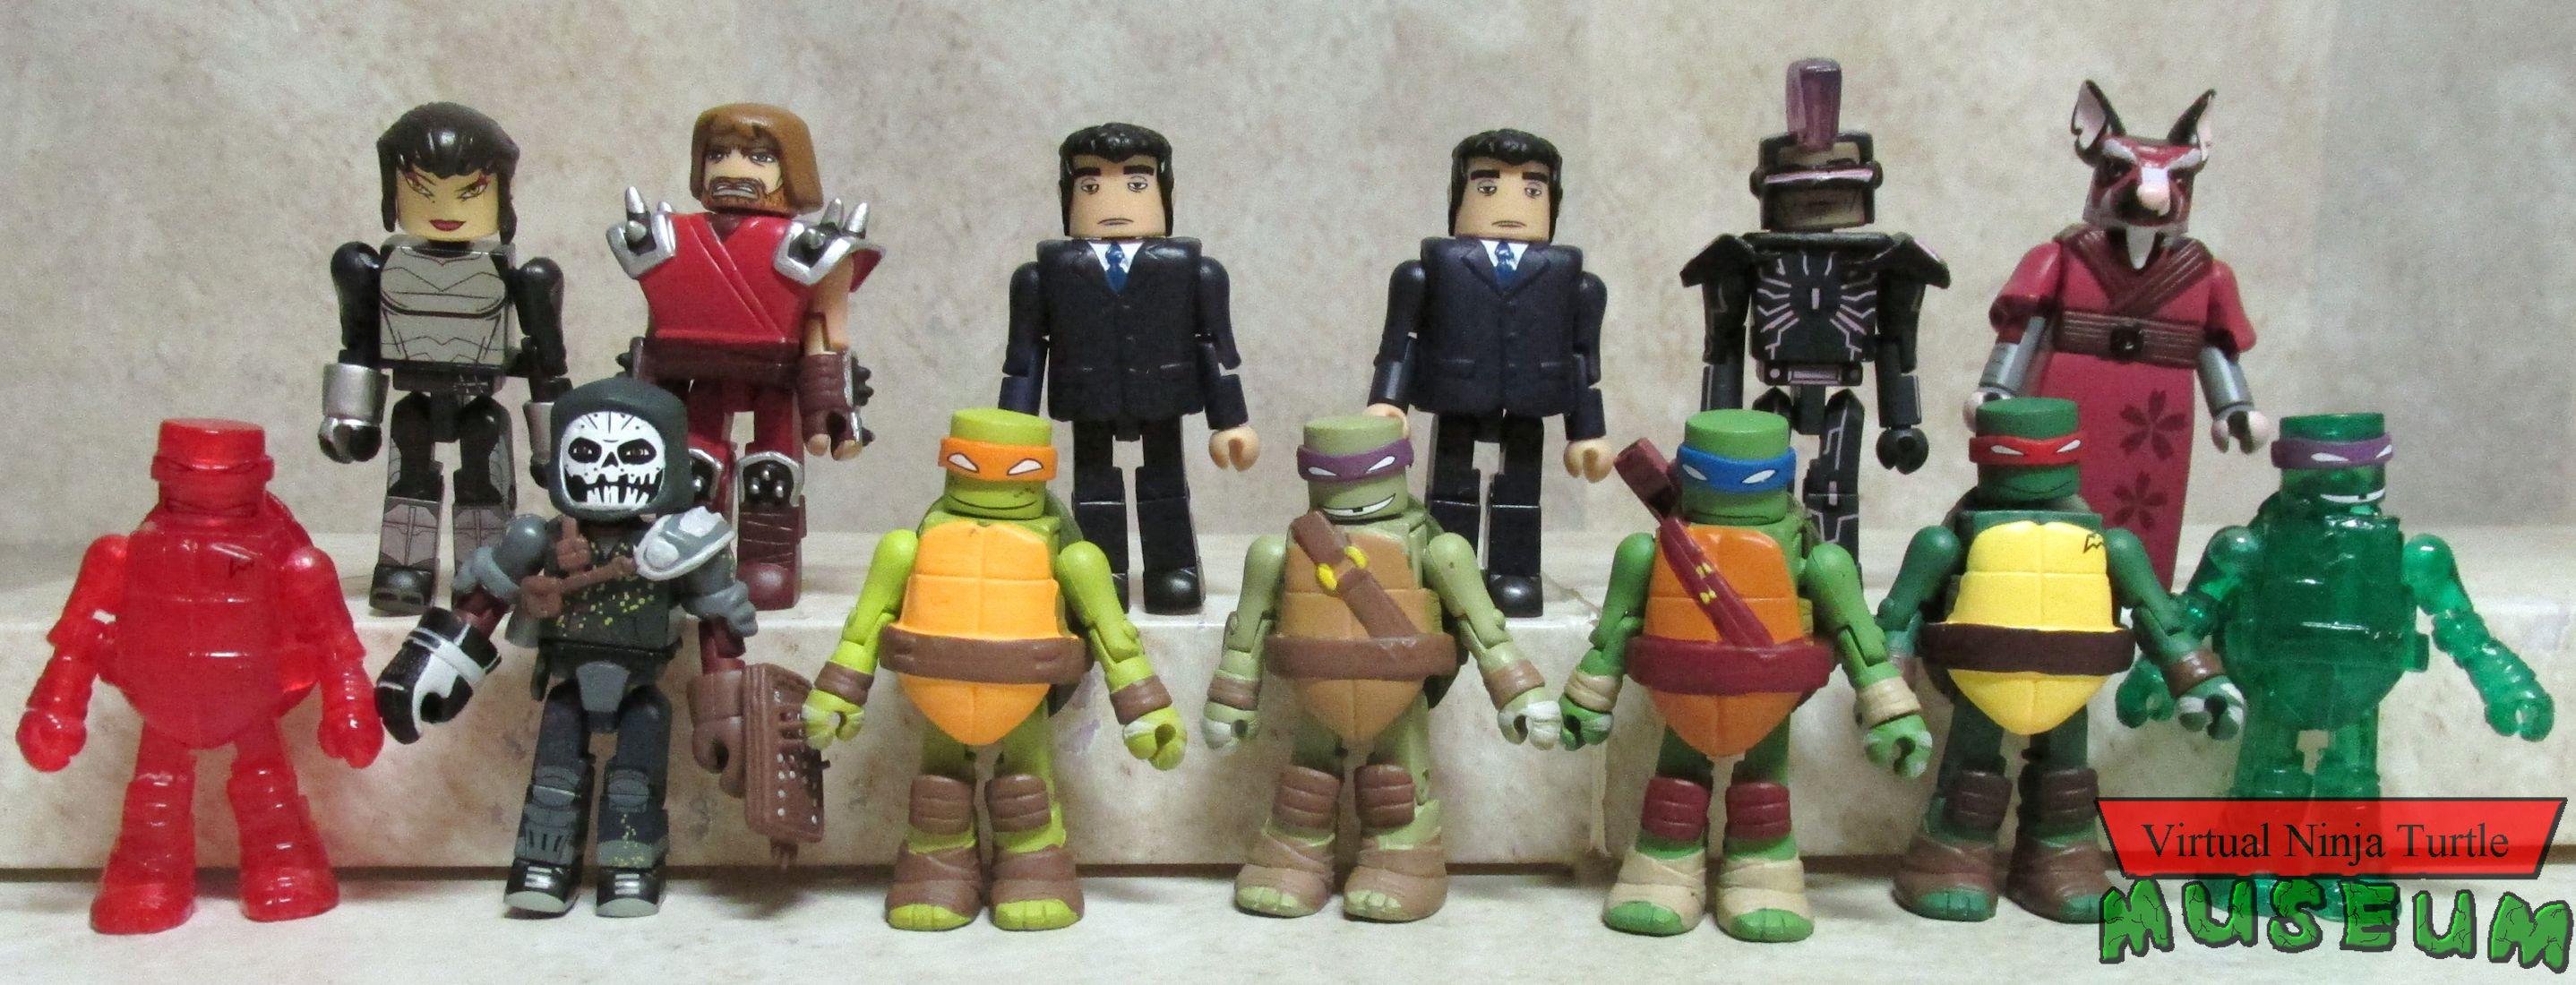 TMNT Teenage Mutant Ninja Turtles Minimates Series 1 Leonardo